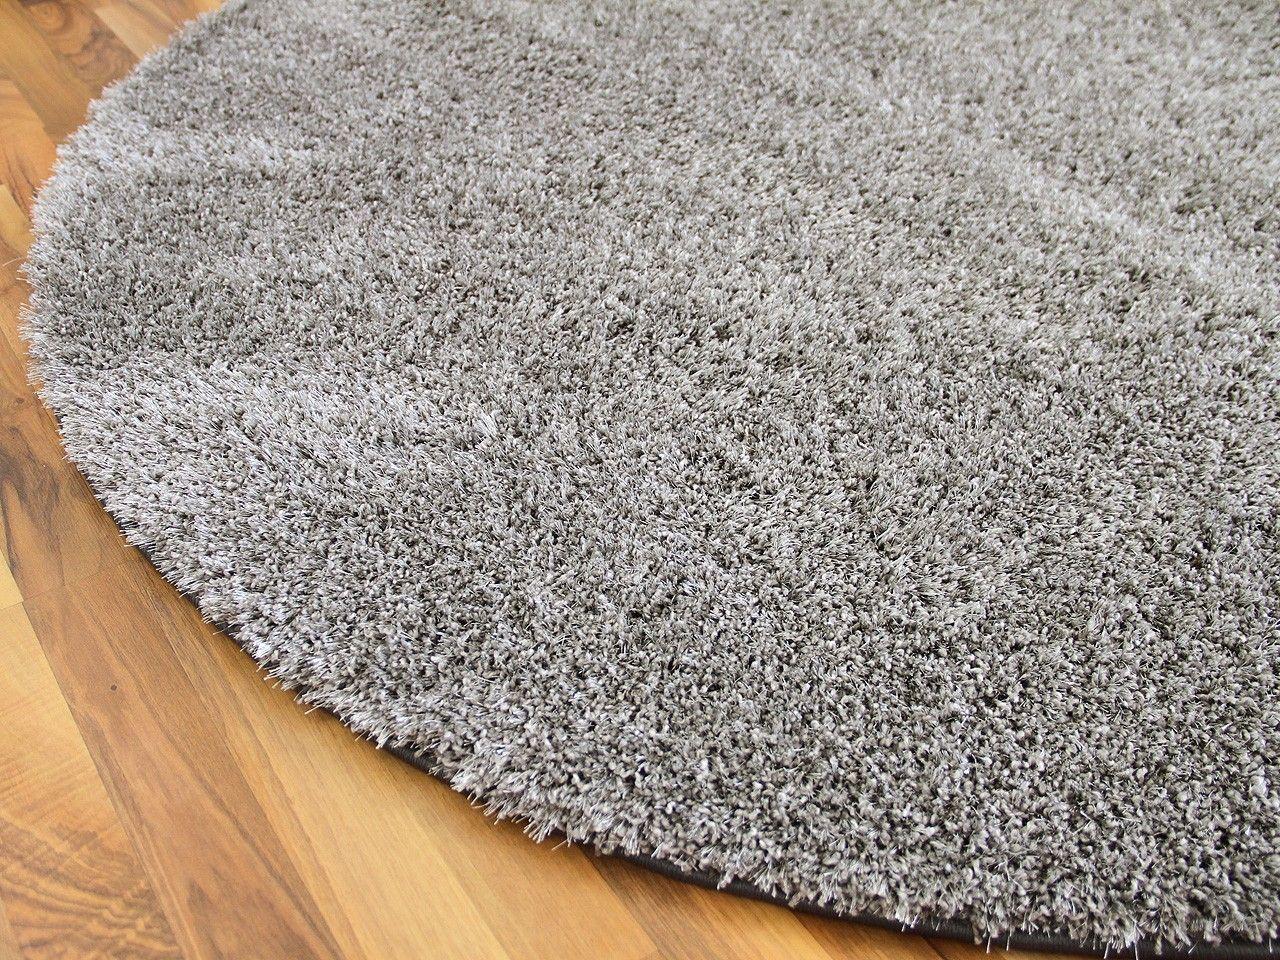 Hochflor Shaggy Teppich Luxus Feeling Mix Silber Rund In 7 Grossen Teppiche Hochflor Langflor Teppiche Schwarz Grau Teppich Schwarzer Teppich Langflor Teppich